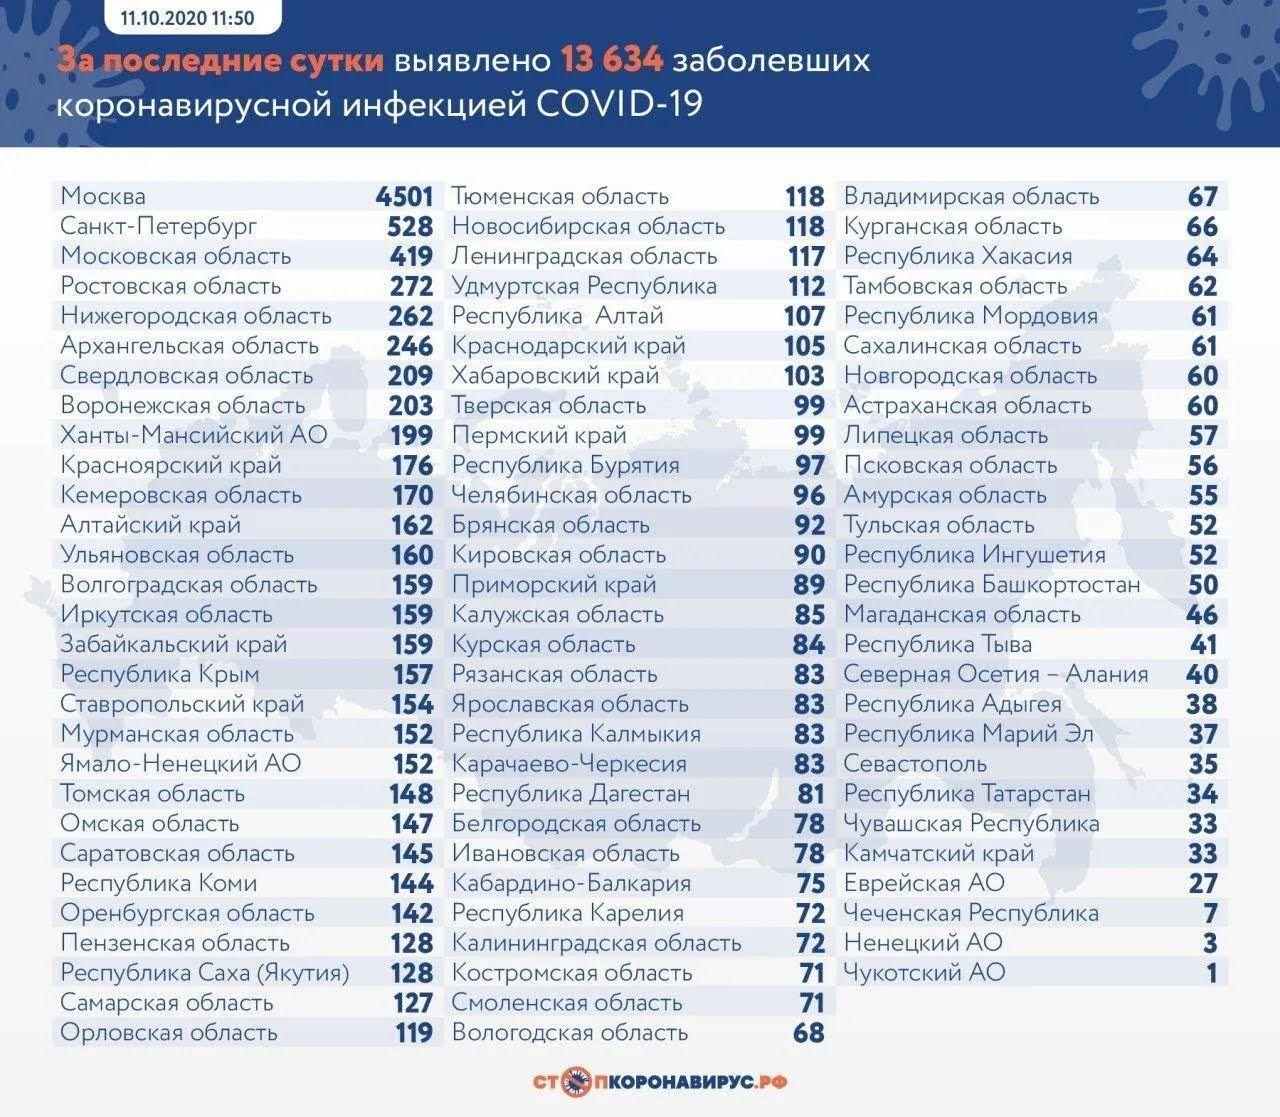 Данные по коронавирусу в России